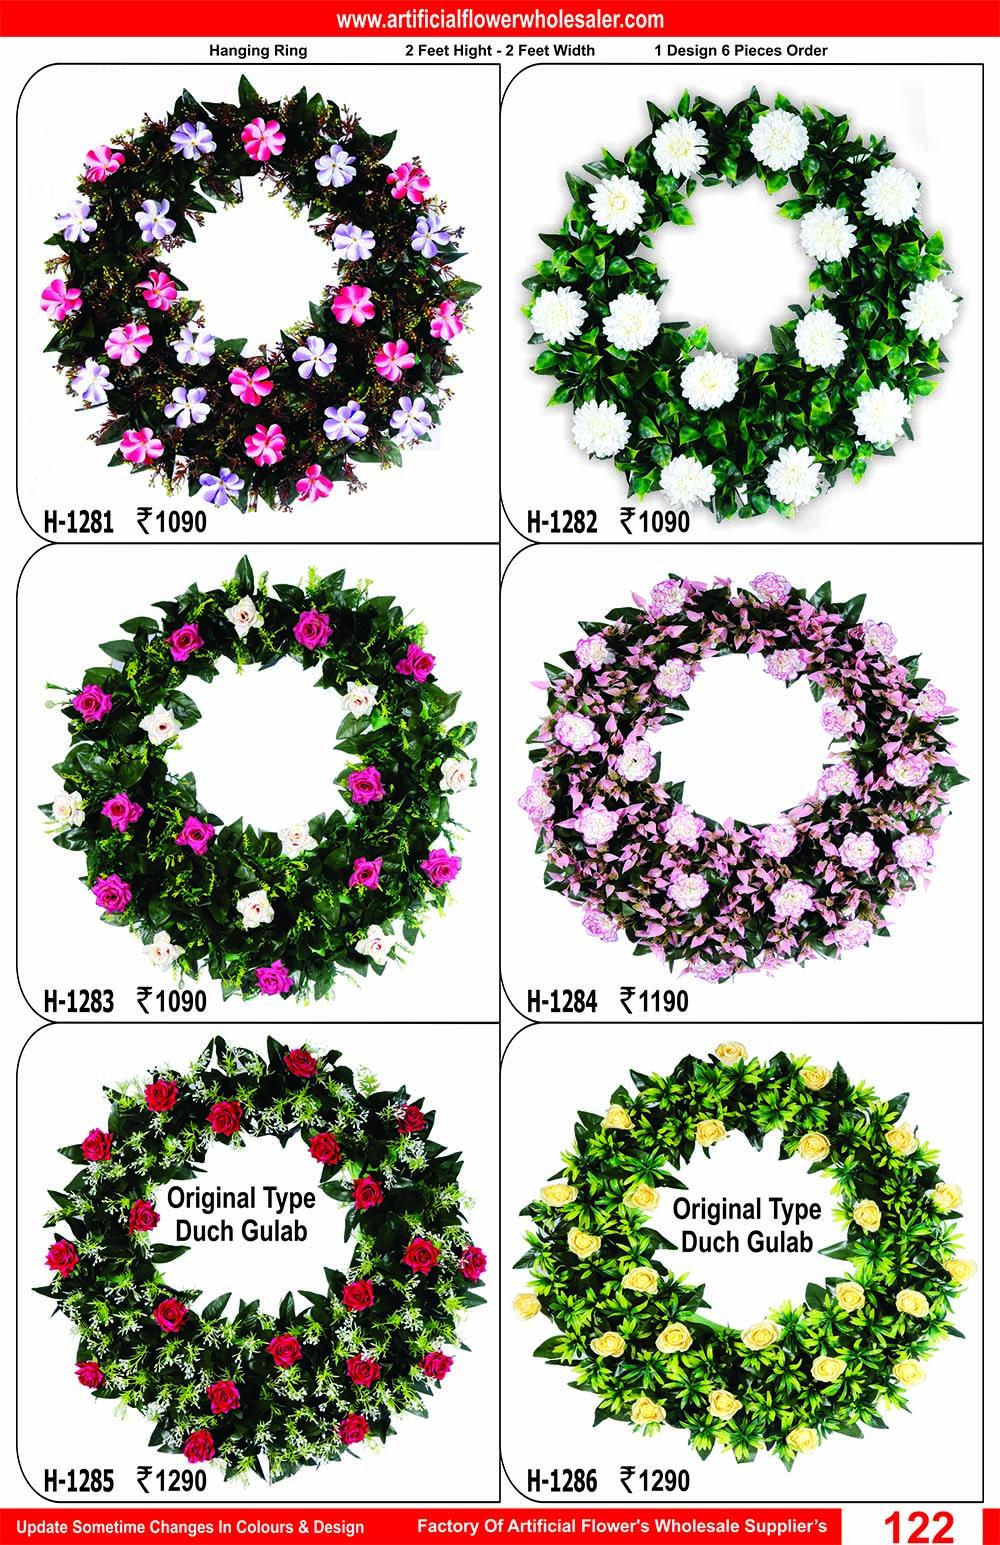 122-artificial-flower-wholesaler